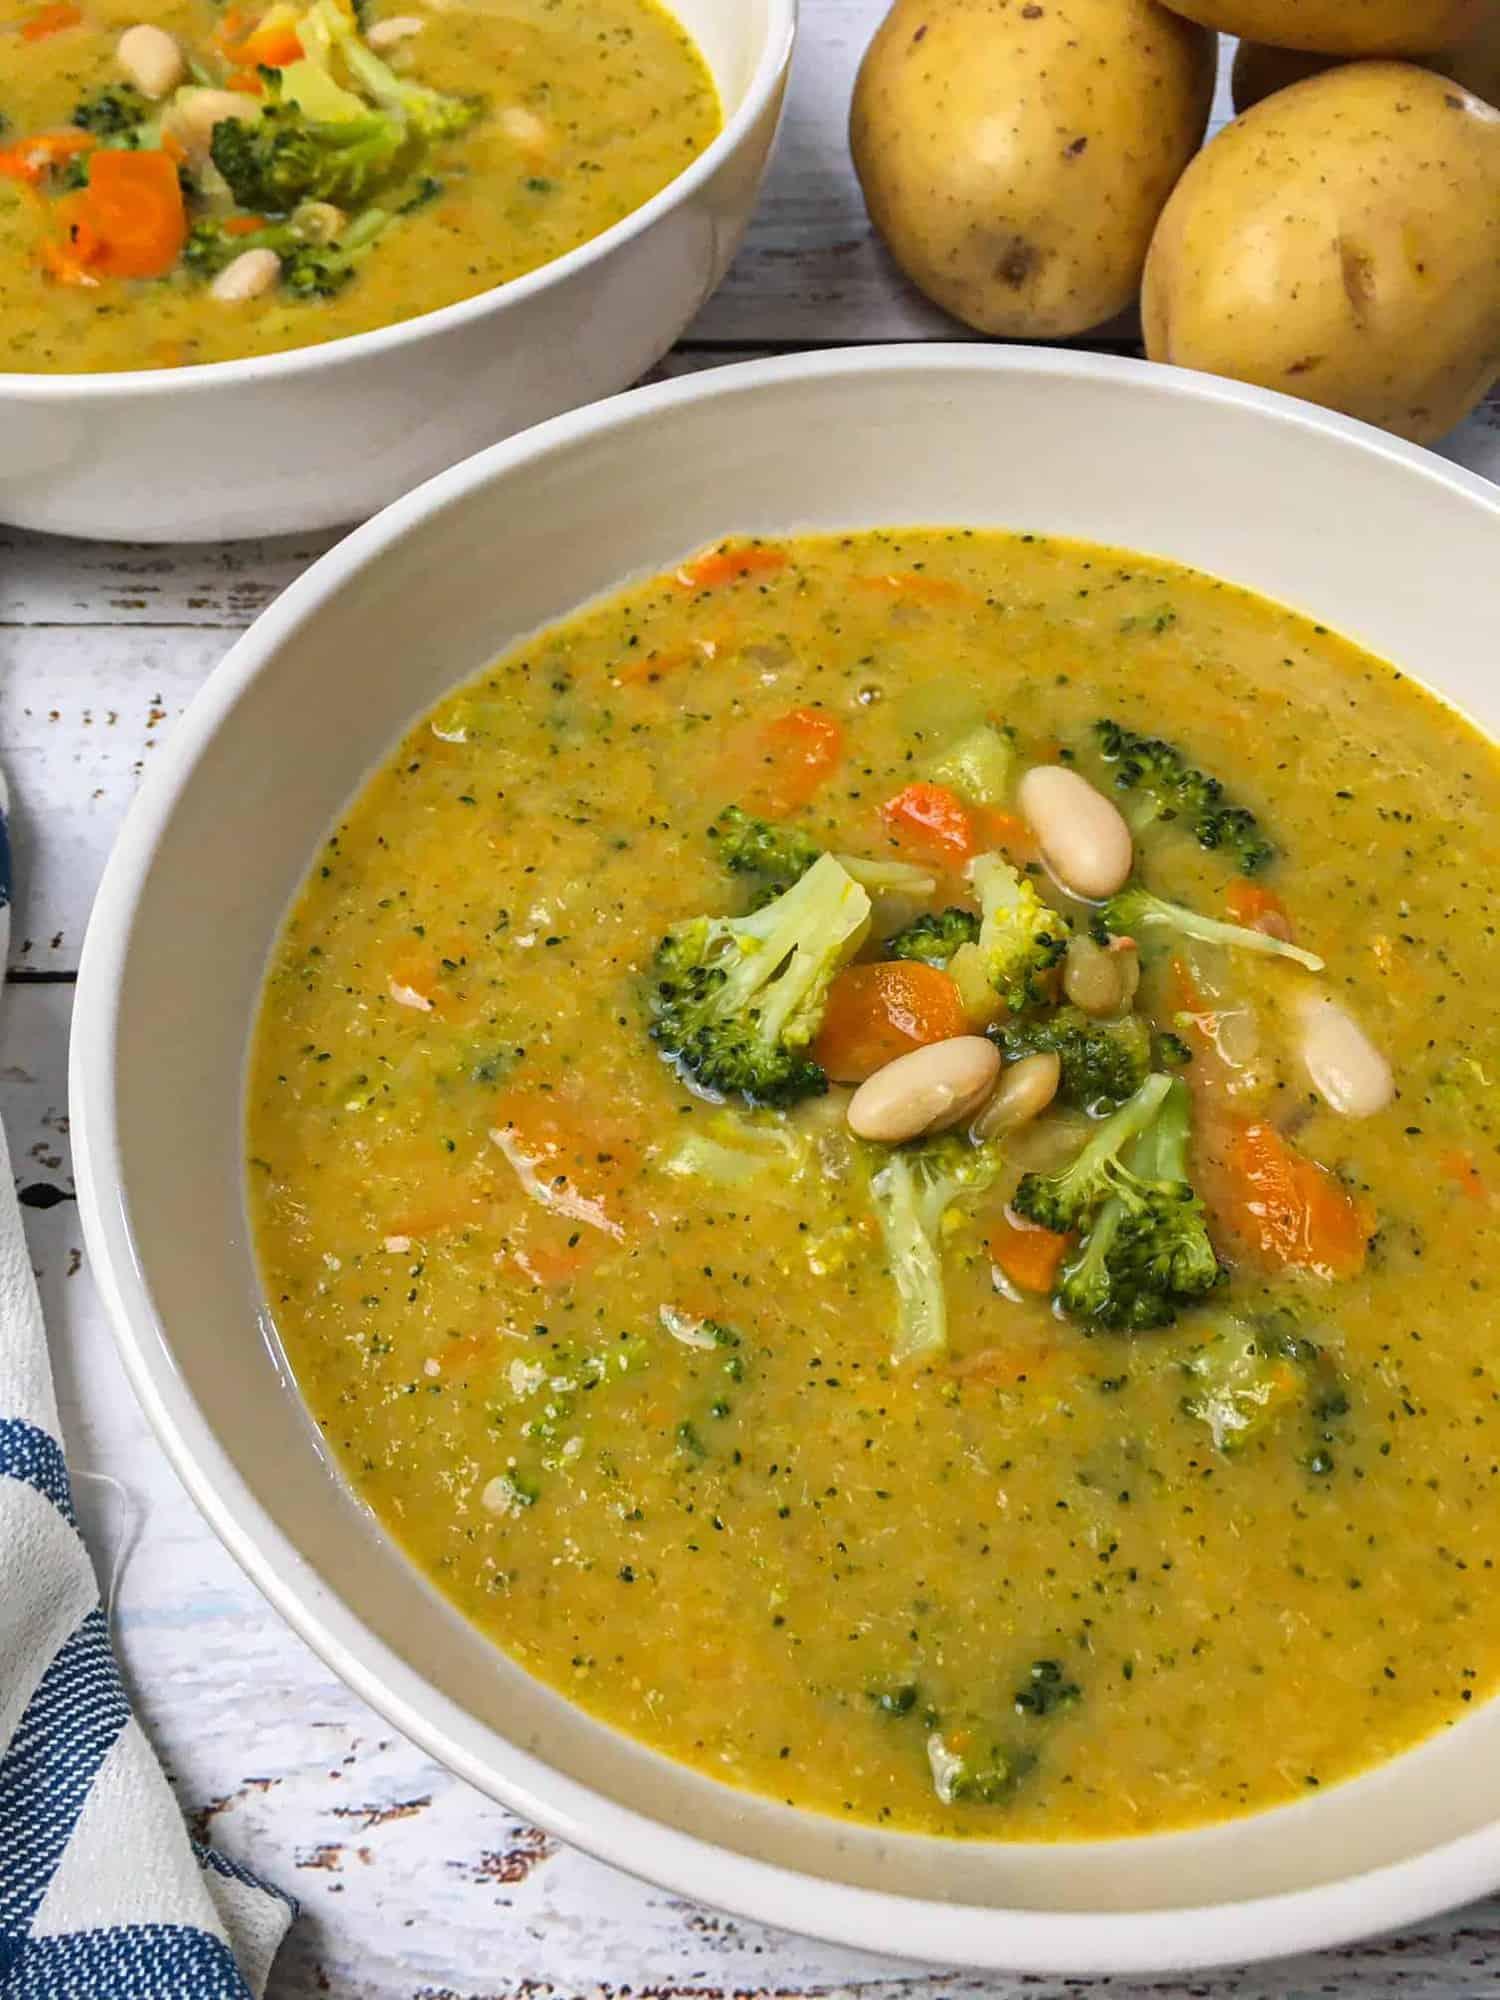 close up of bowl of broccoli potato soup